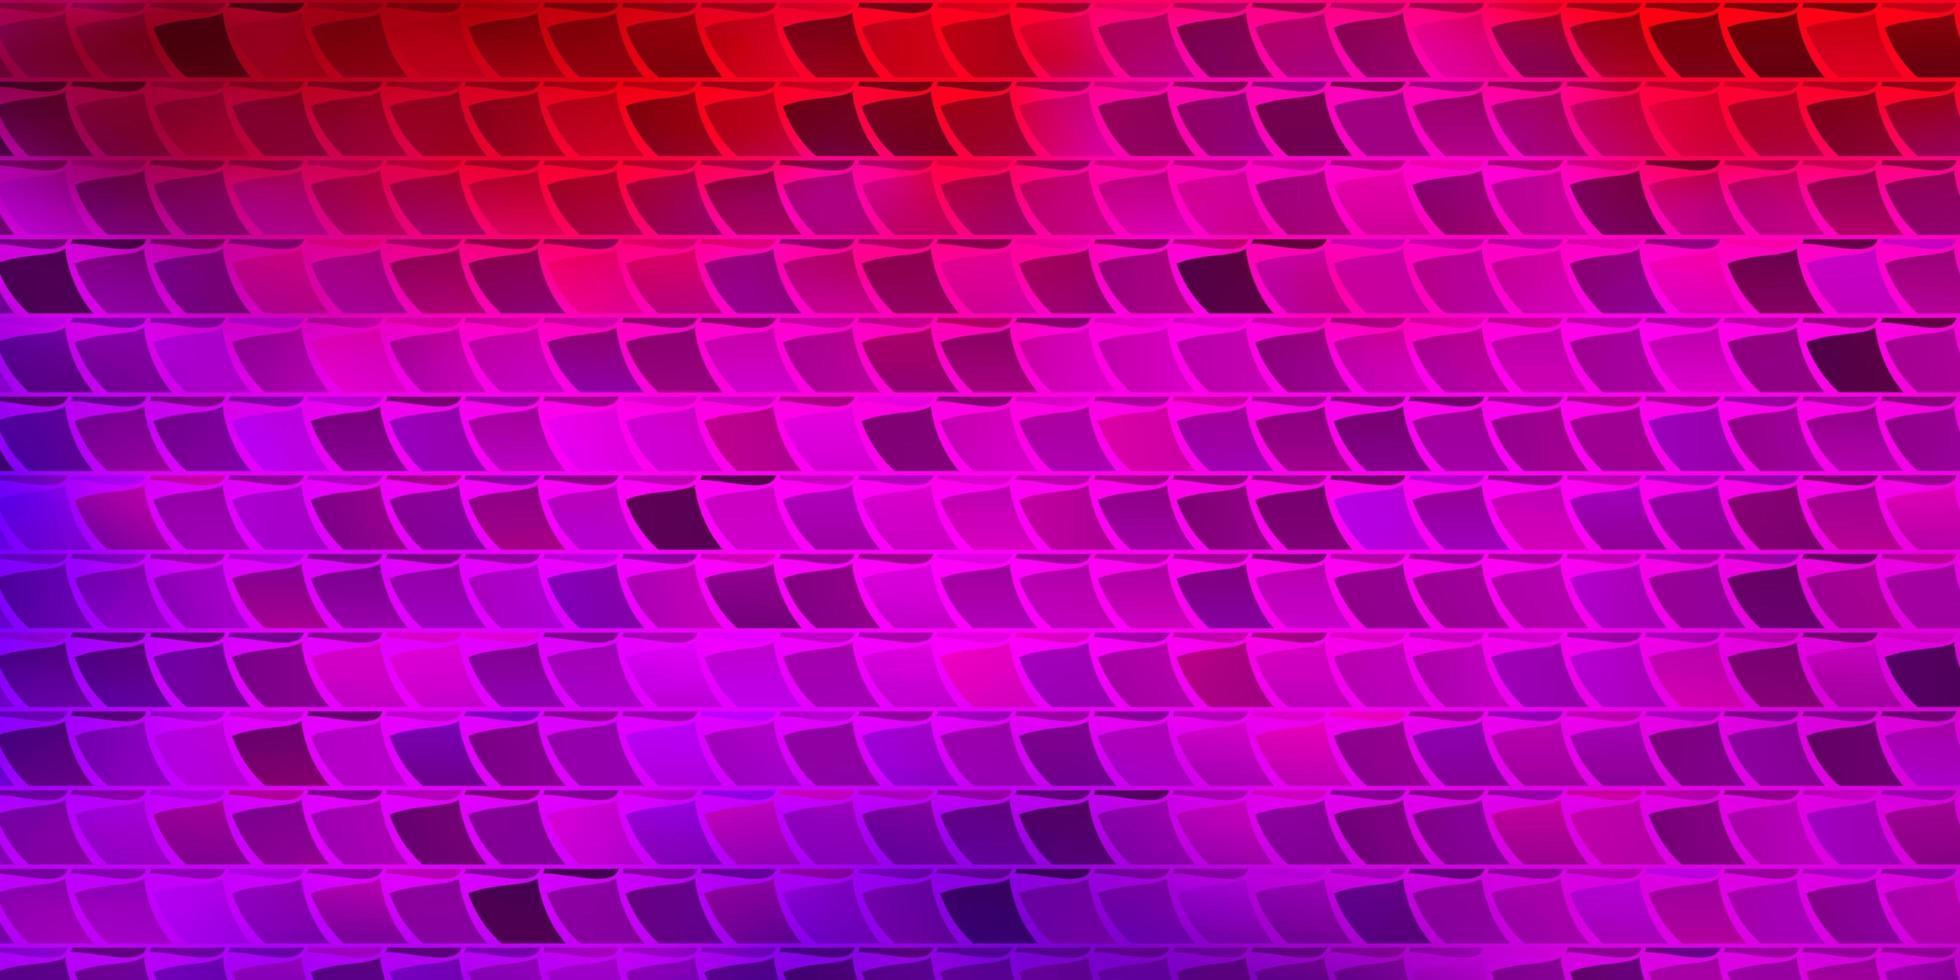 hellrosa, roter Vektorhintergrund mit Rechtecken. vektor